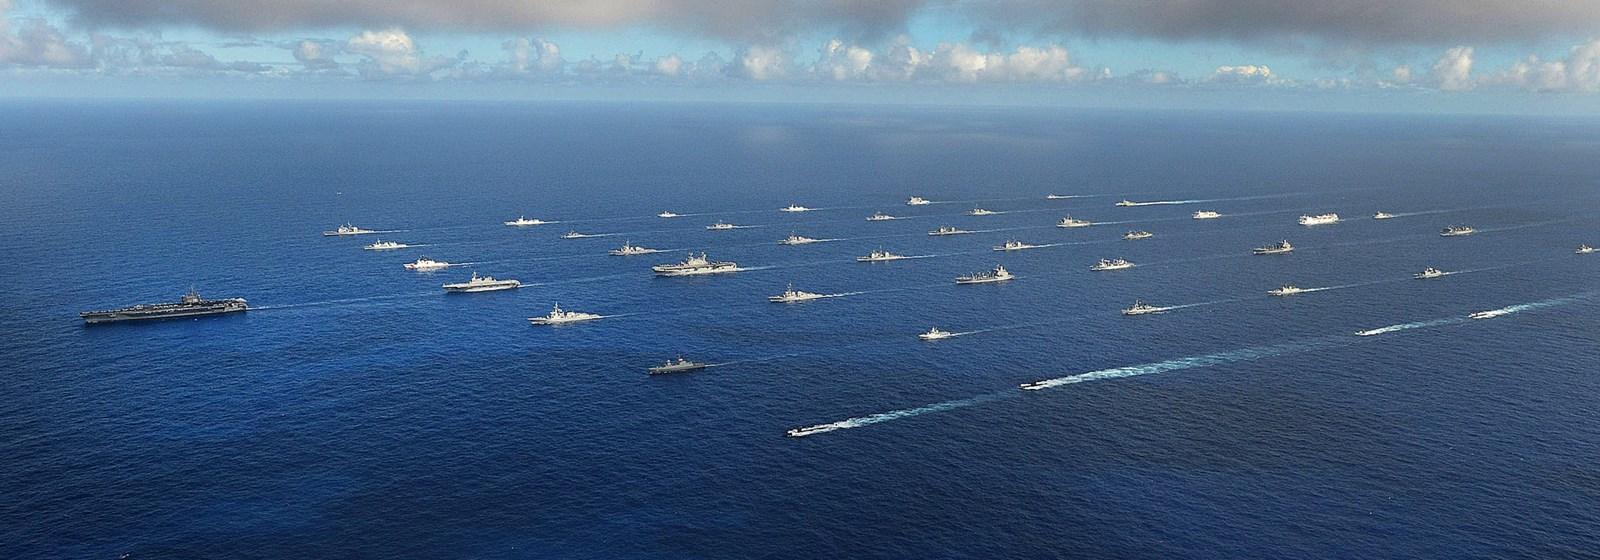 Exercițiile militare navale RIMPAC din 2014